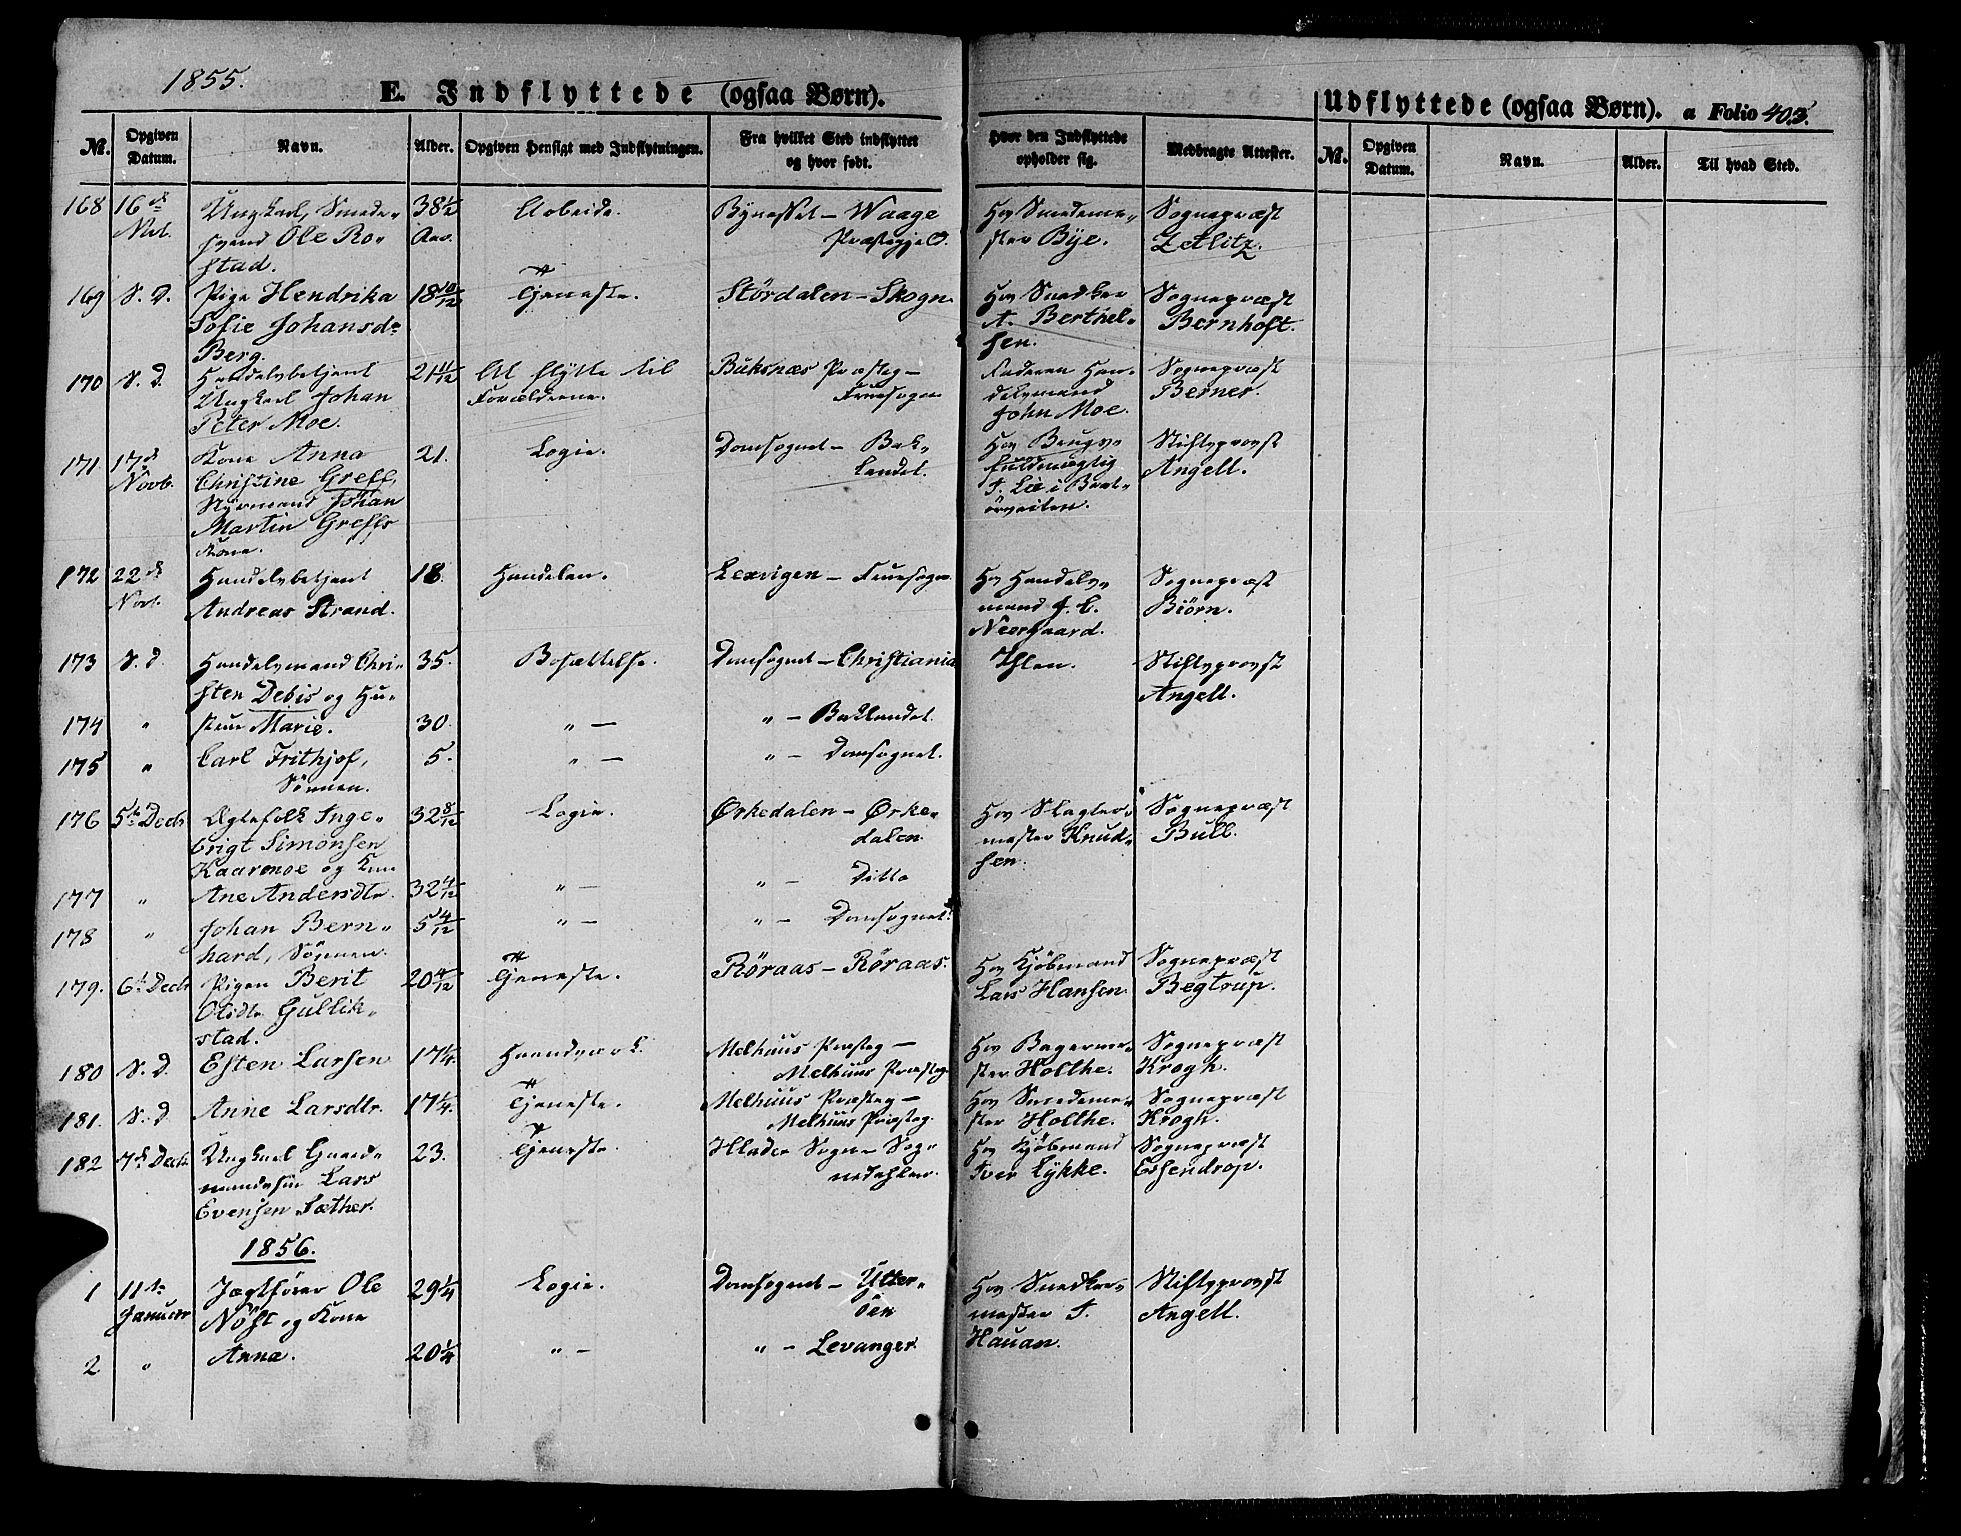 SAT, Ministerialprotokoller, klokkerbøker og fødselsregistre - Sør-Trøndelag, 602/L0137: Klokkerbok nr. 602C05, 1846-1856, s. 403